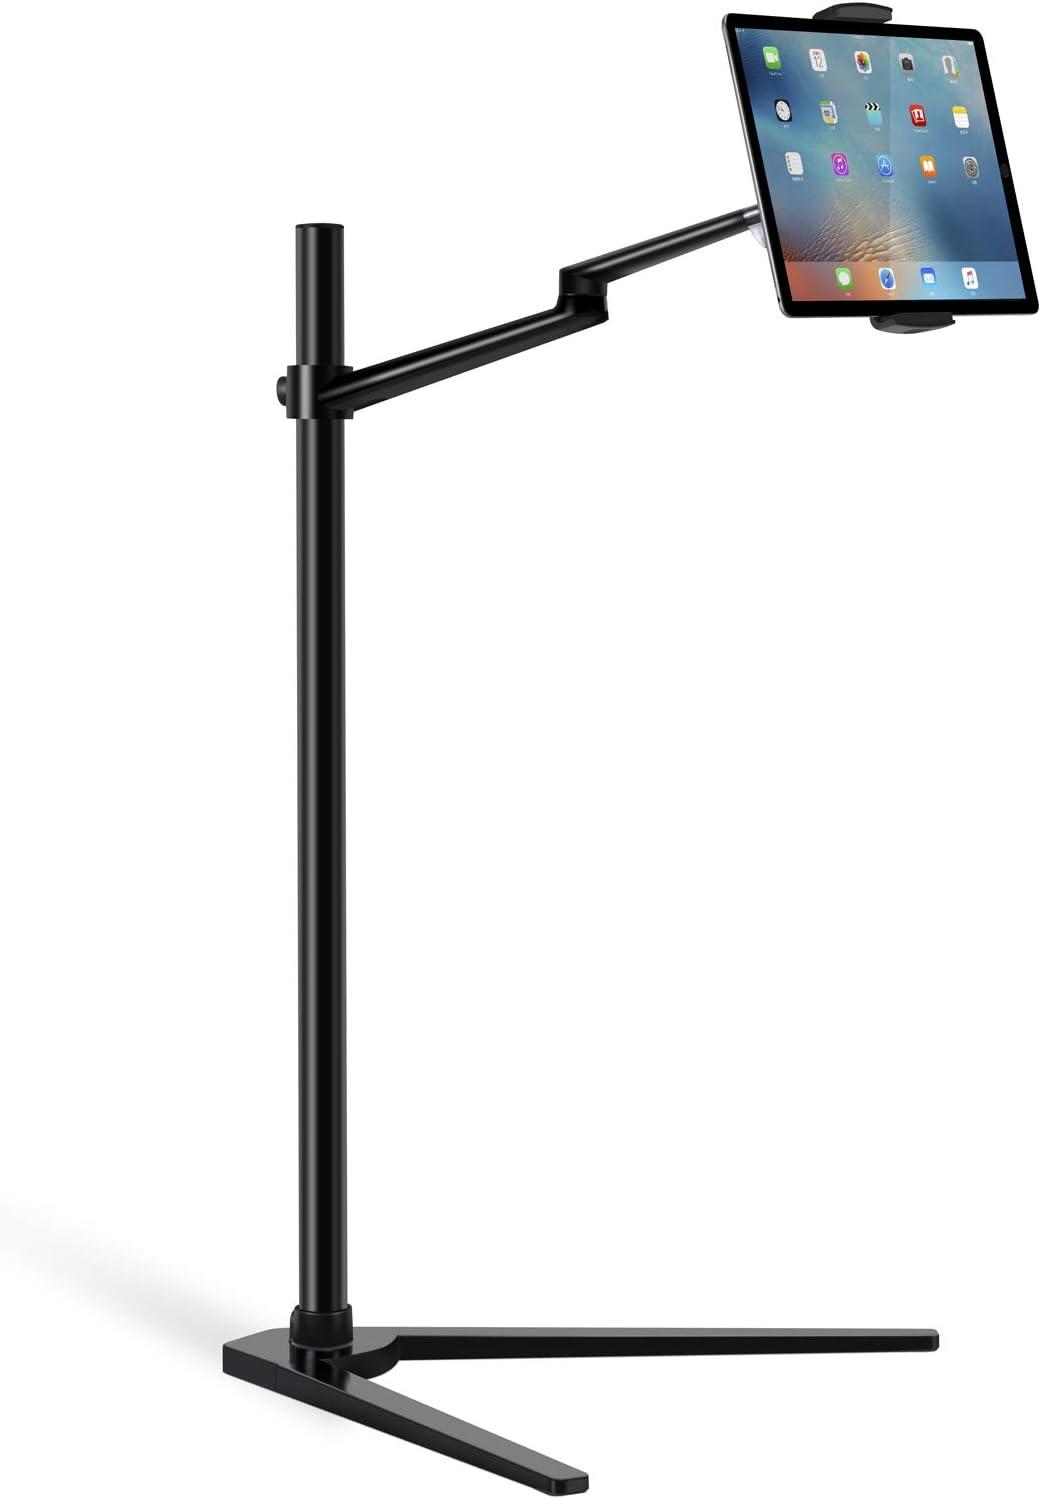 MPK Adjustable  Tablet Floor Stand Holder $34.99 Coupon